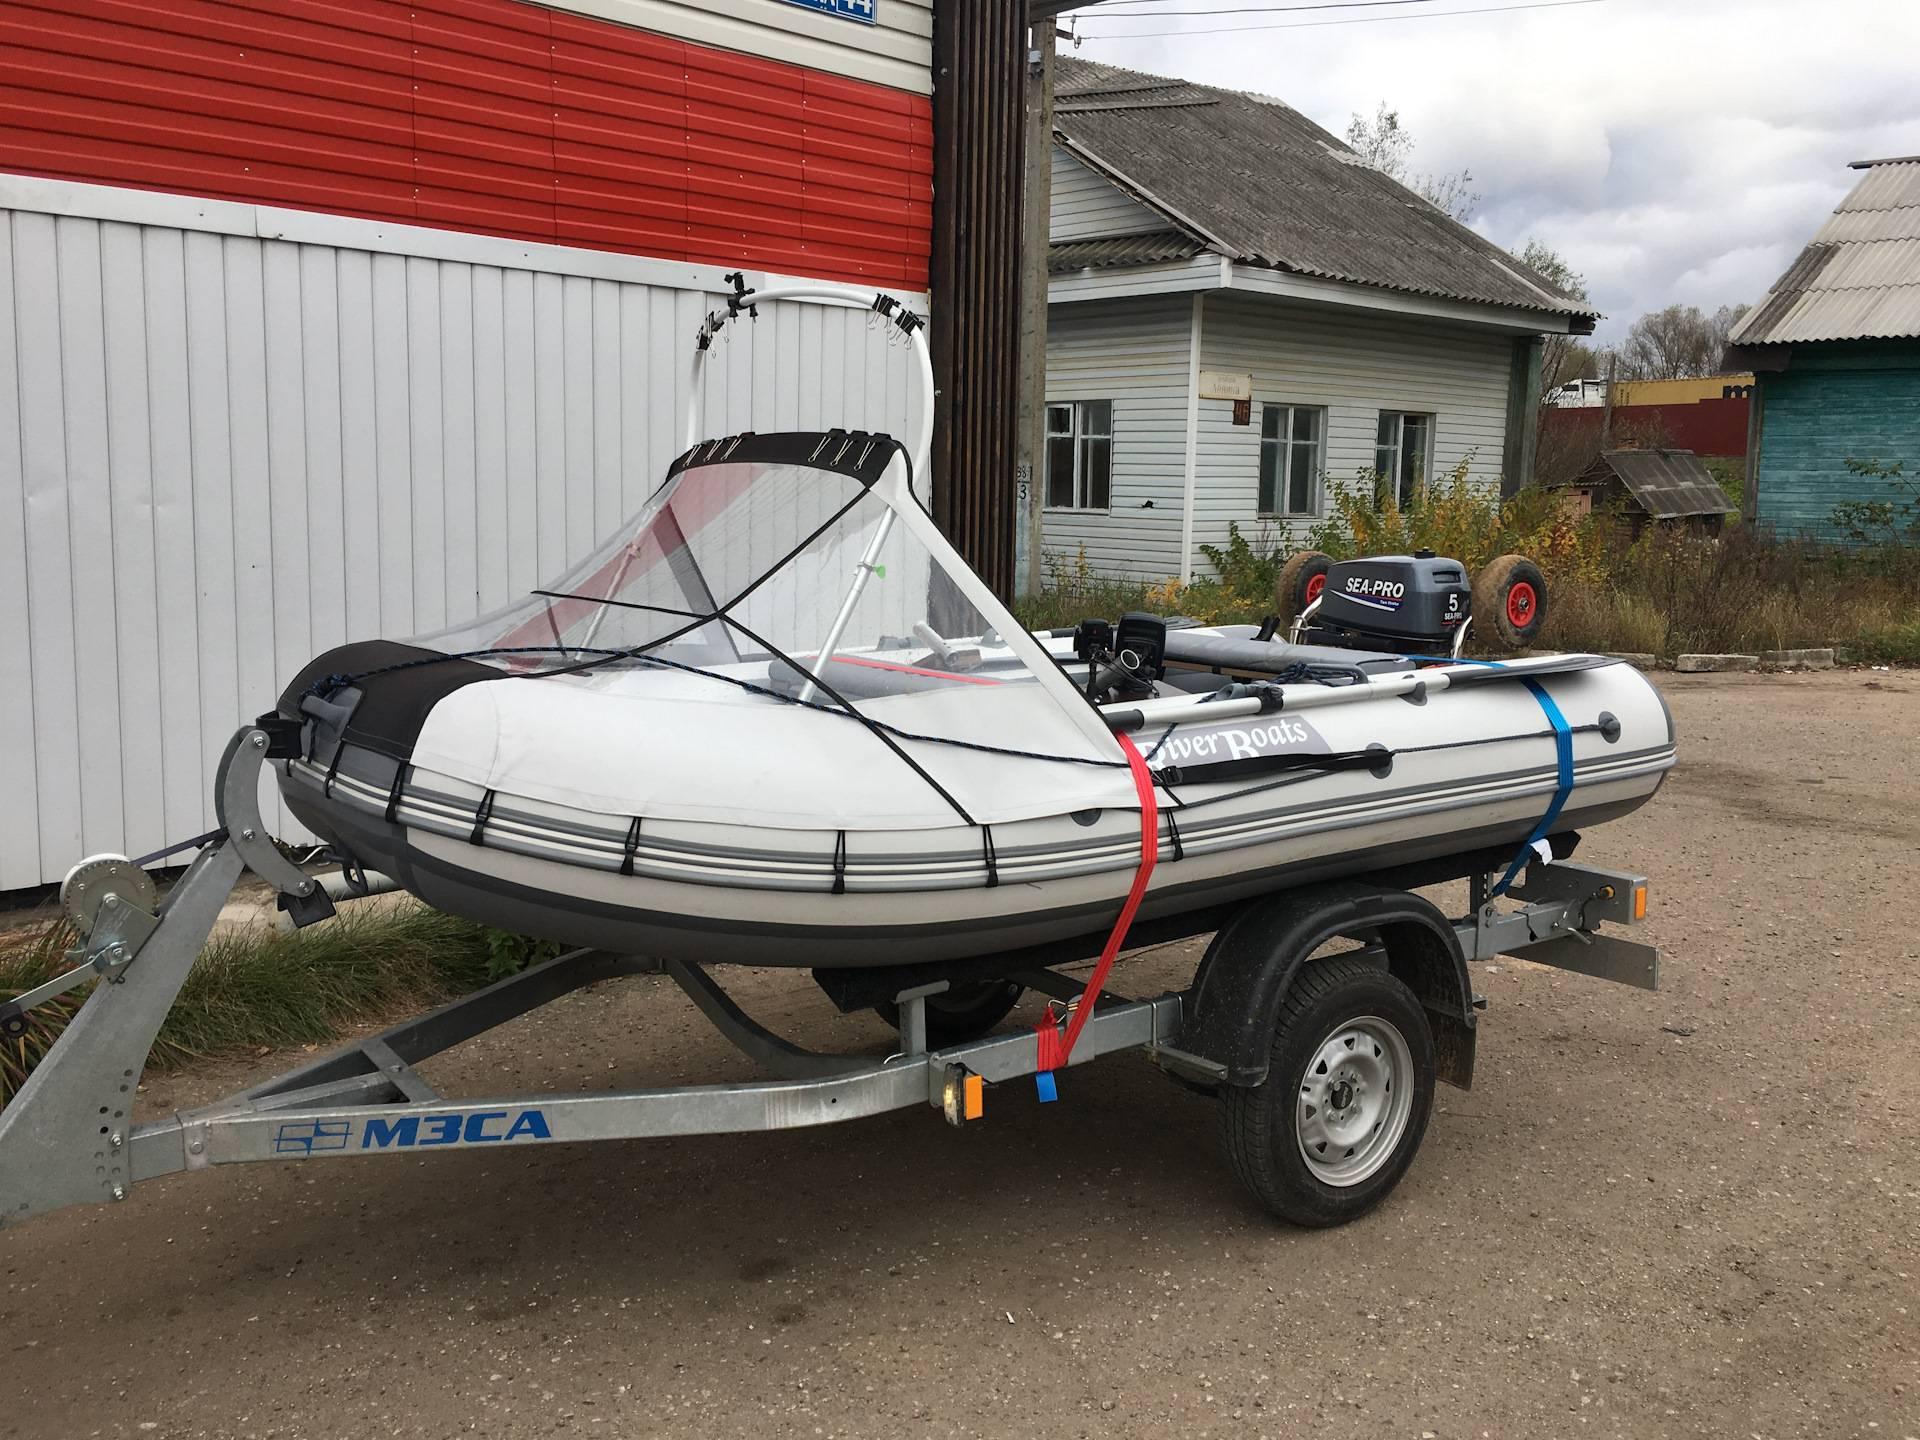 На что обратить внимание при покупке легкового прицепа для водной техники? какой прицеп выбрать для лодки или катера?